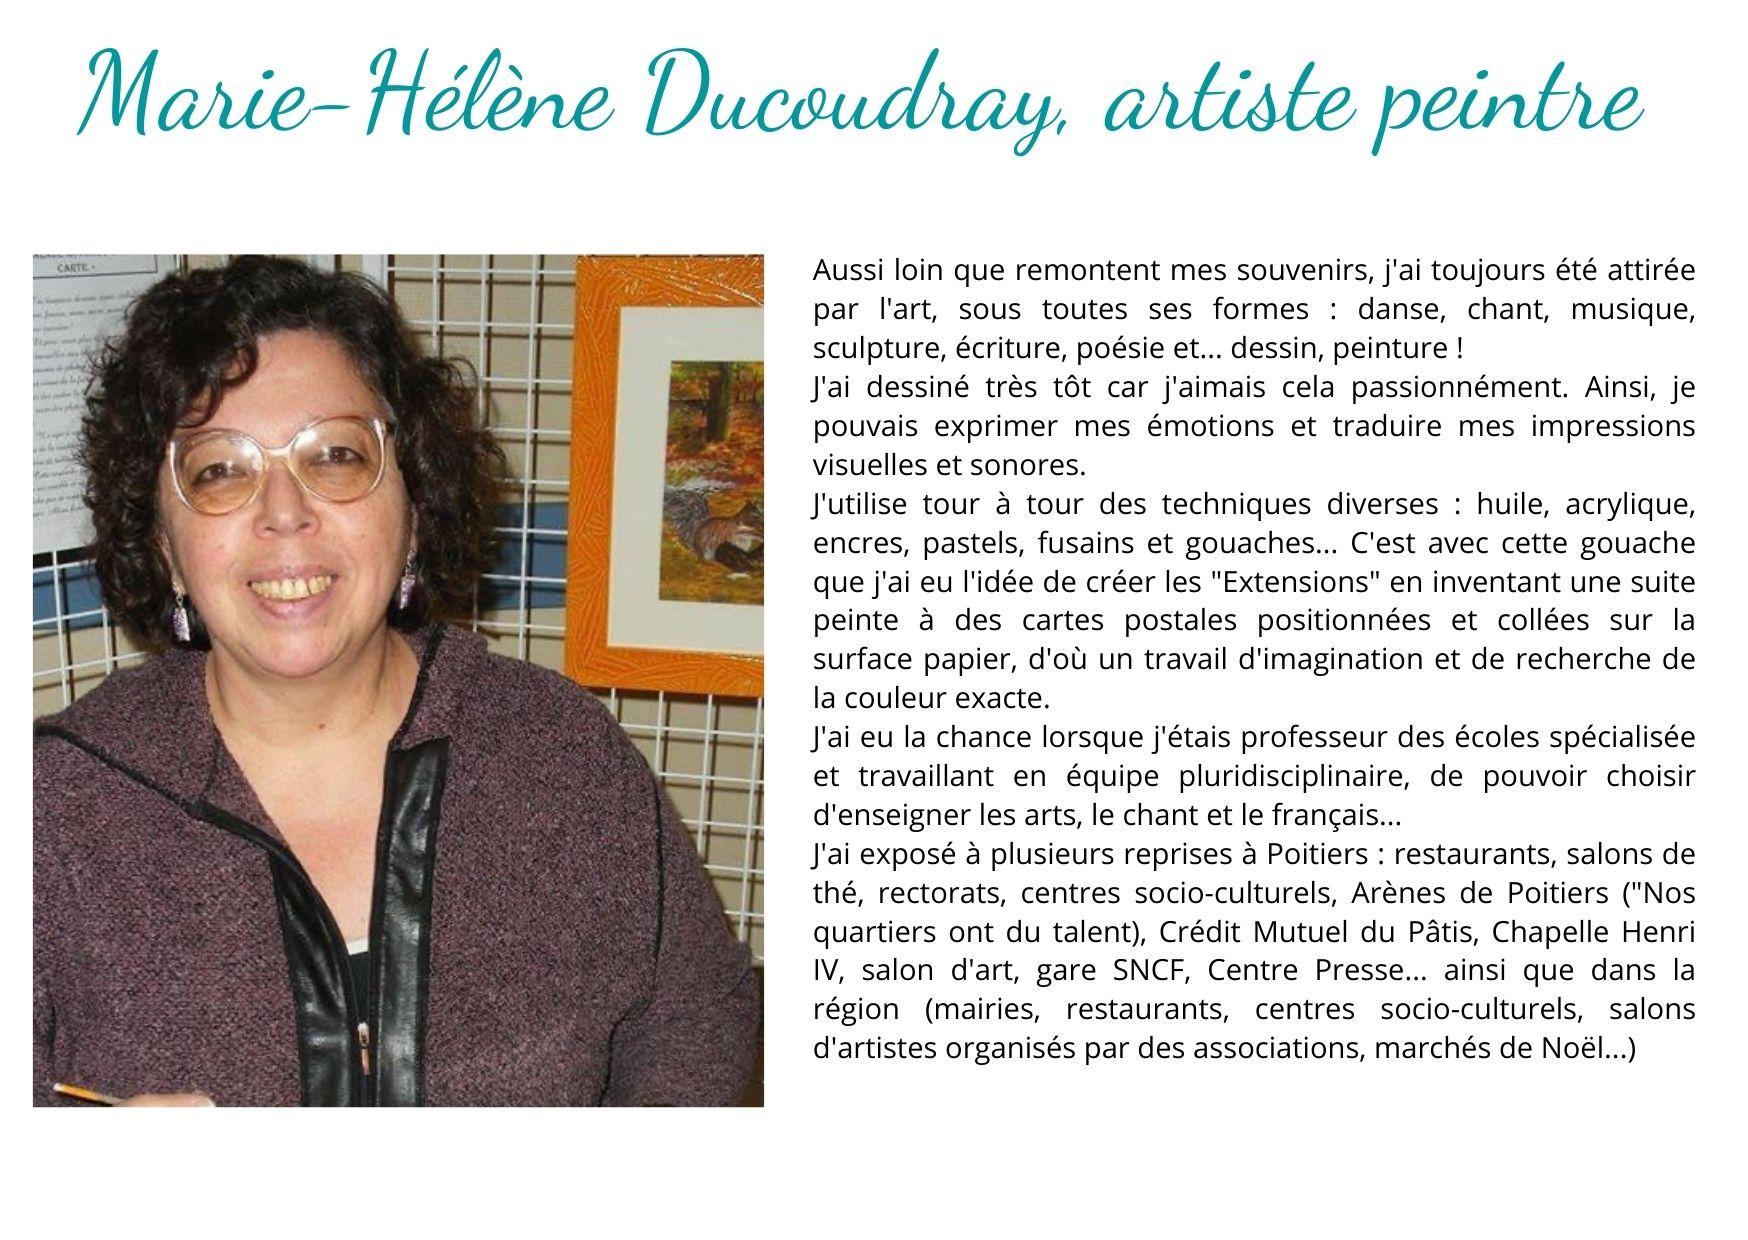 présentationMH Ducoudray